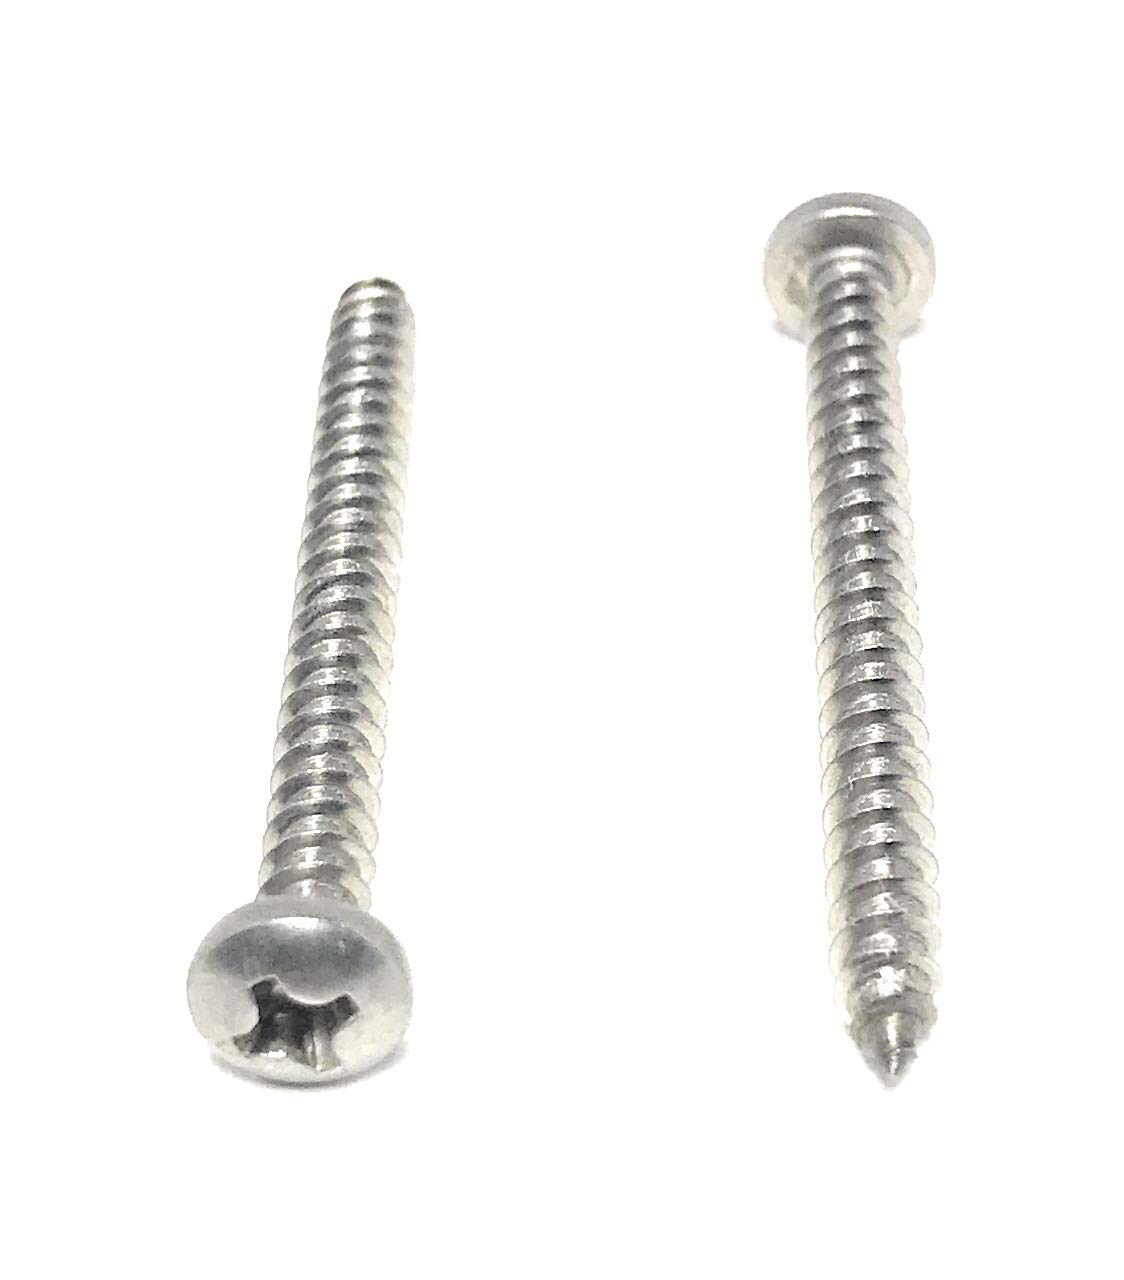 Box of 100 # 6 X 3//8 Stainless Steel Pan Head Phillips Sheet Metal Screws